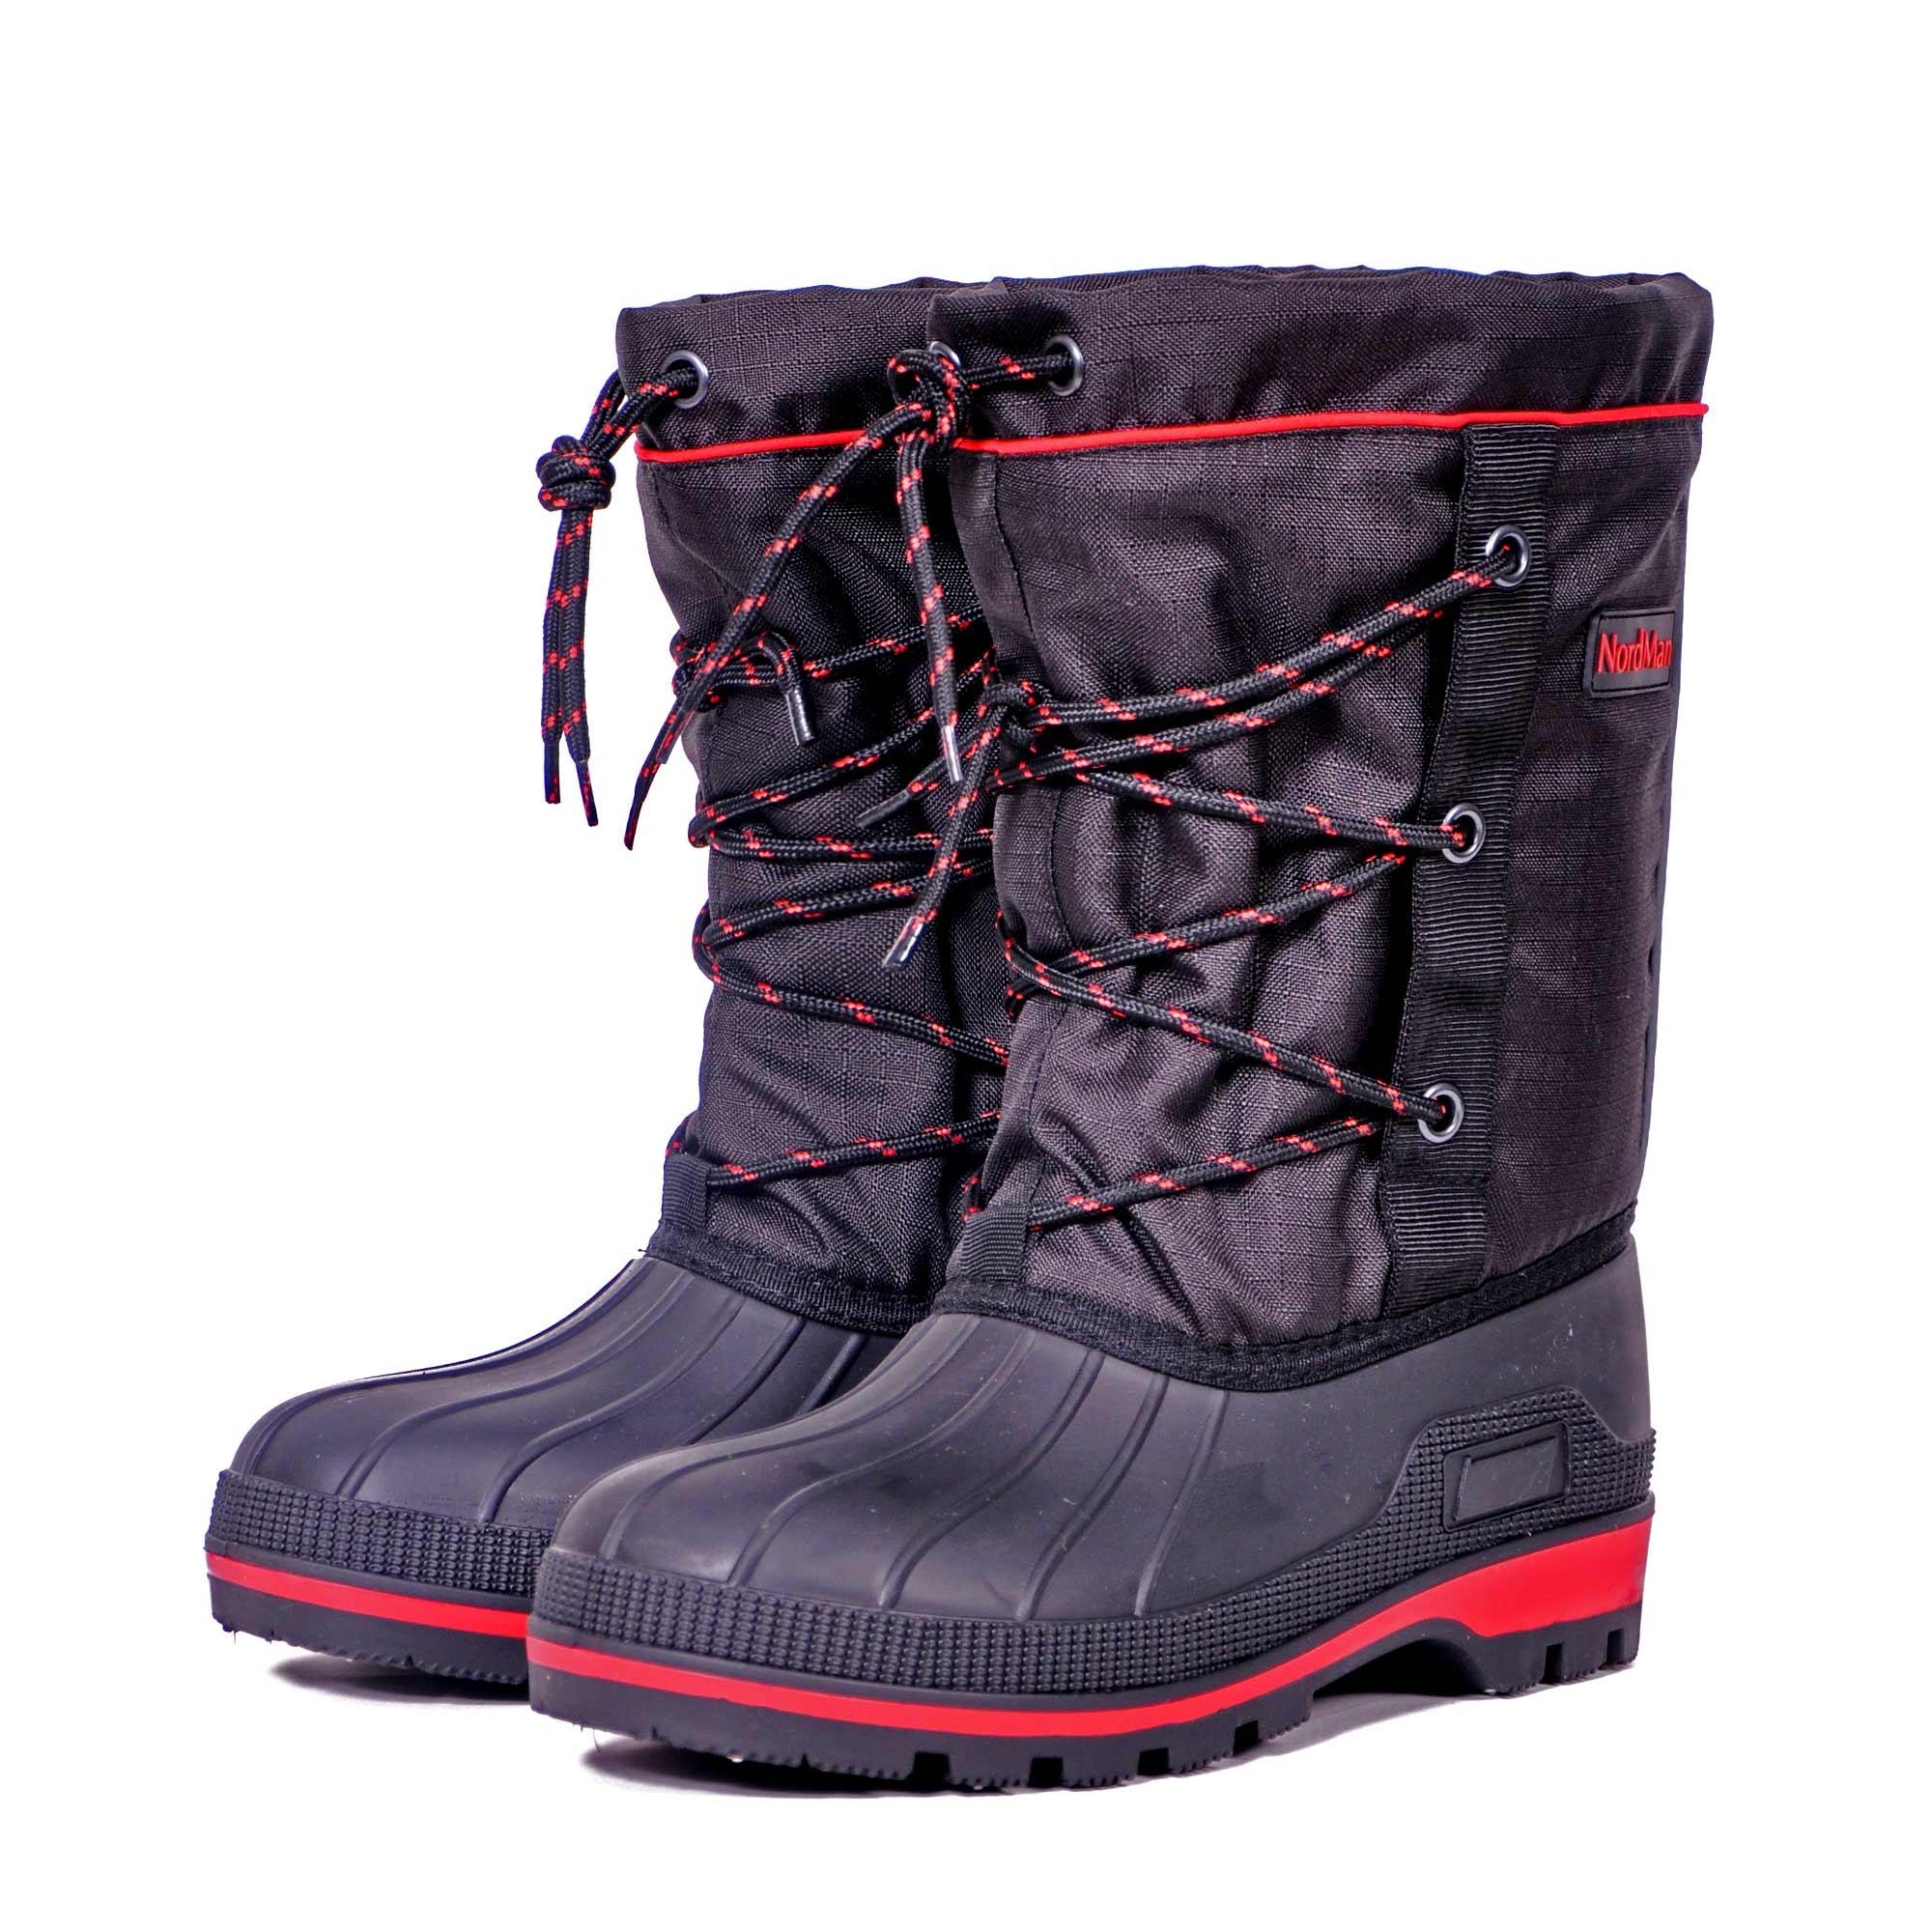 Бахилы для охоты Nordman New Red, на шнуровке, черные, 46 RU